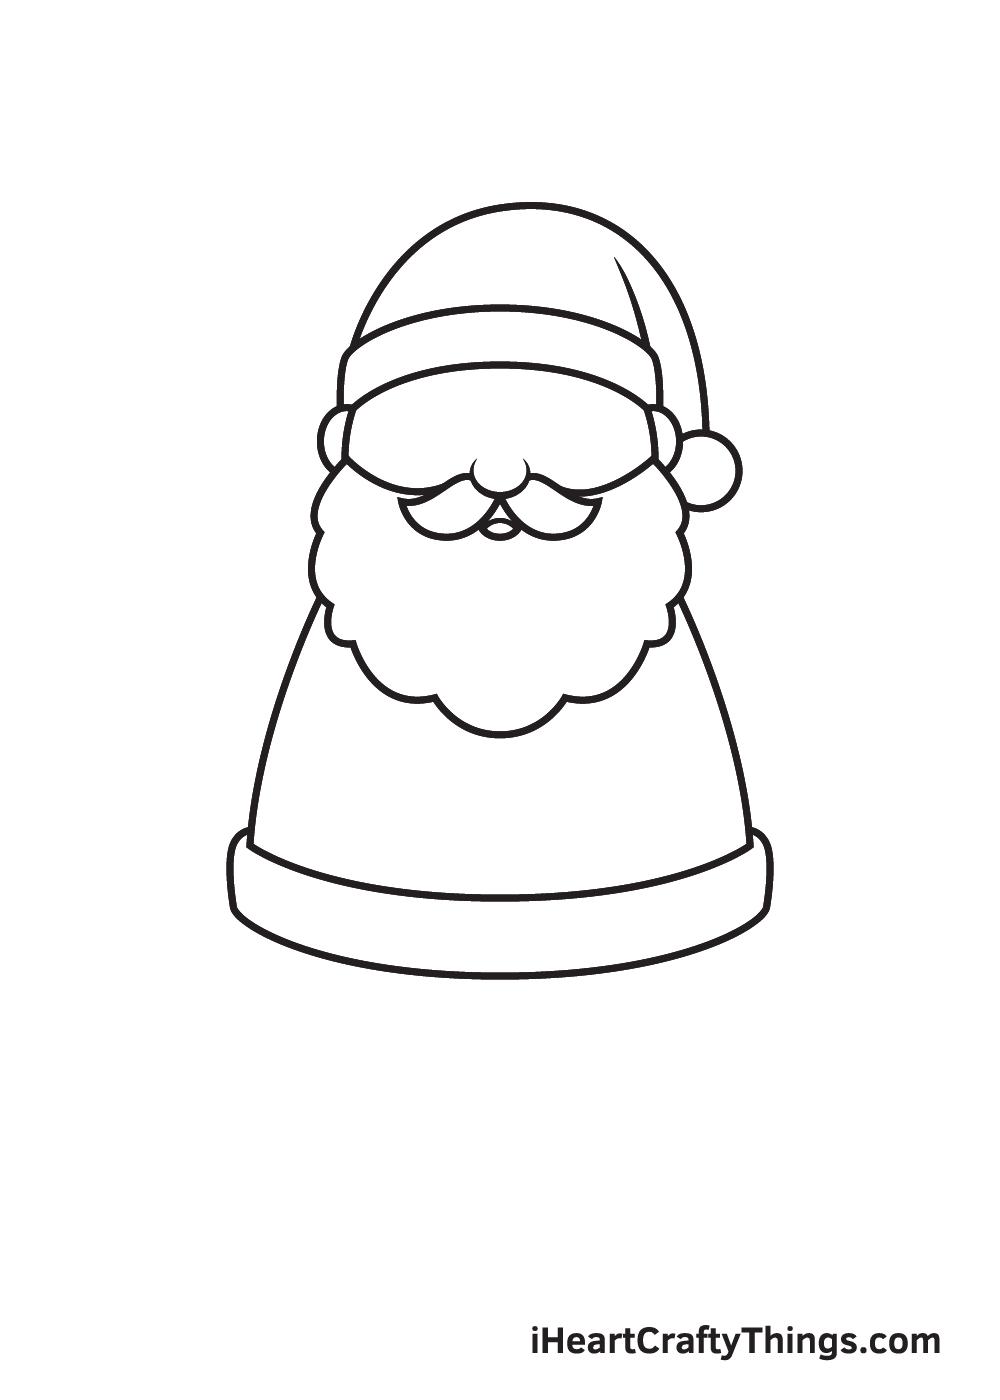 Santa Claus Drawing – Step 5